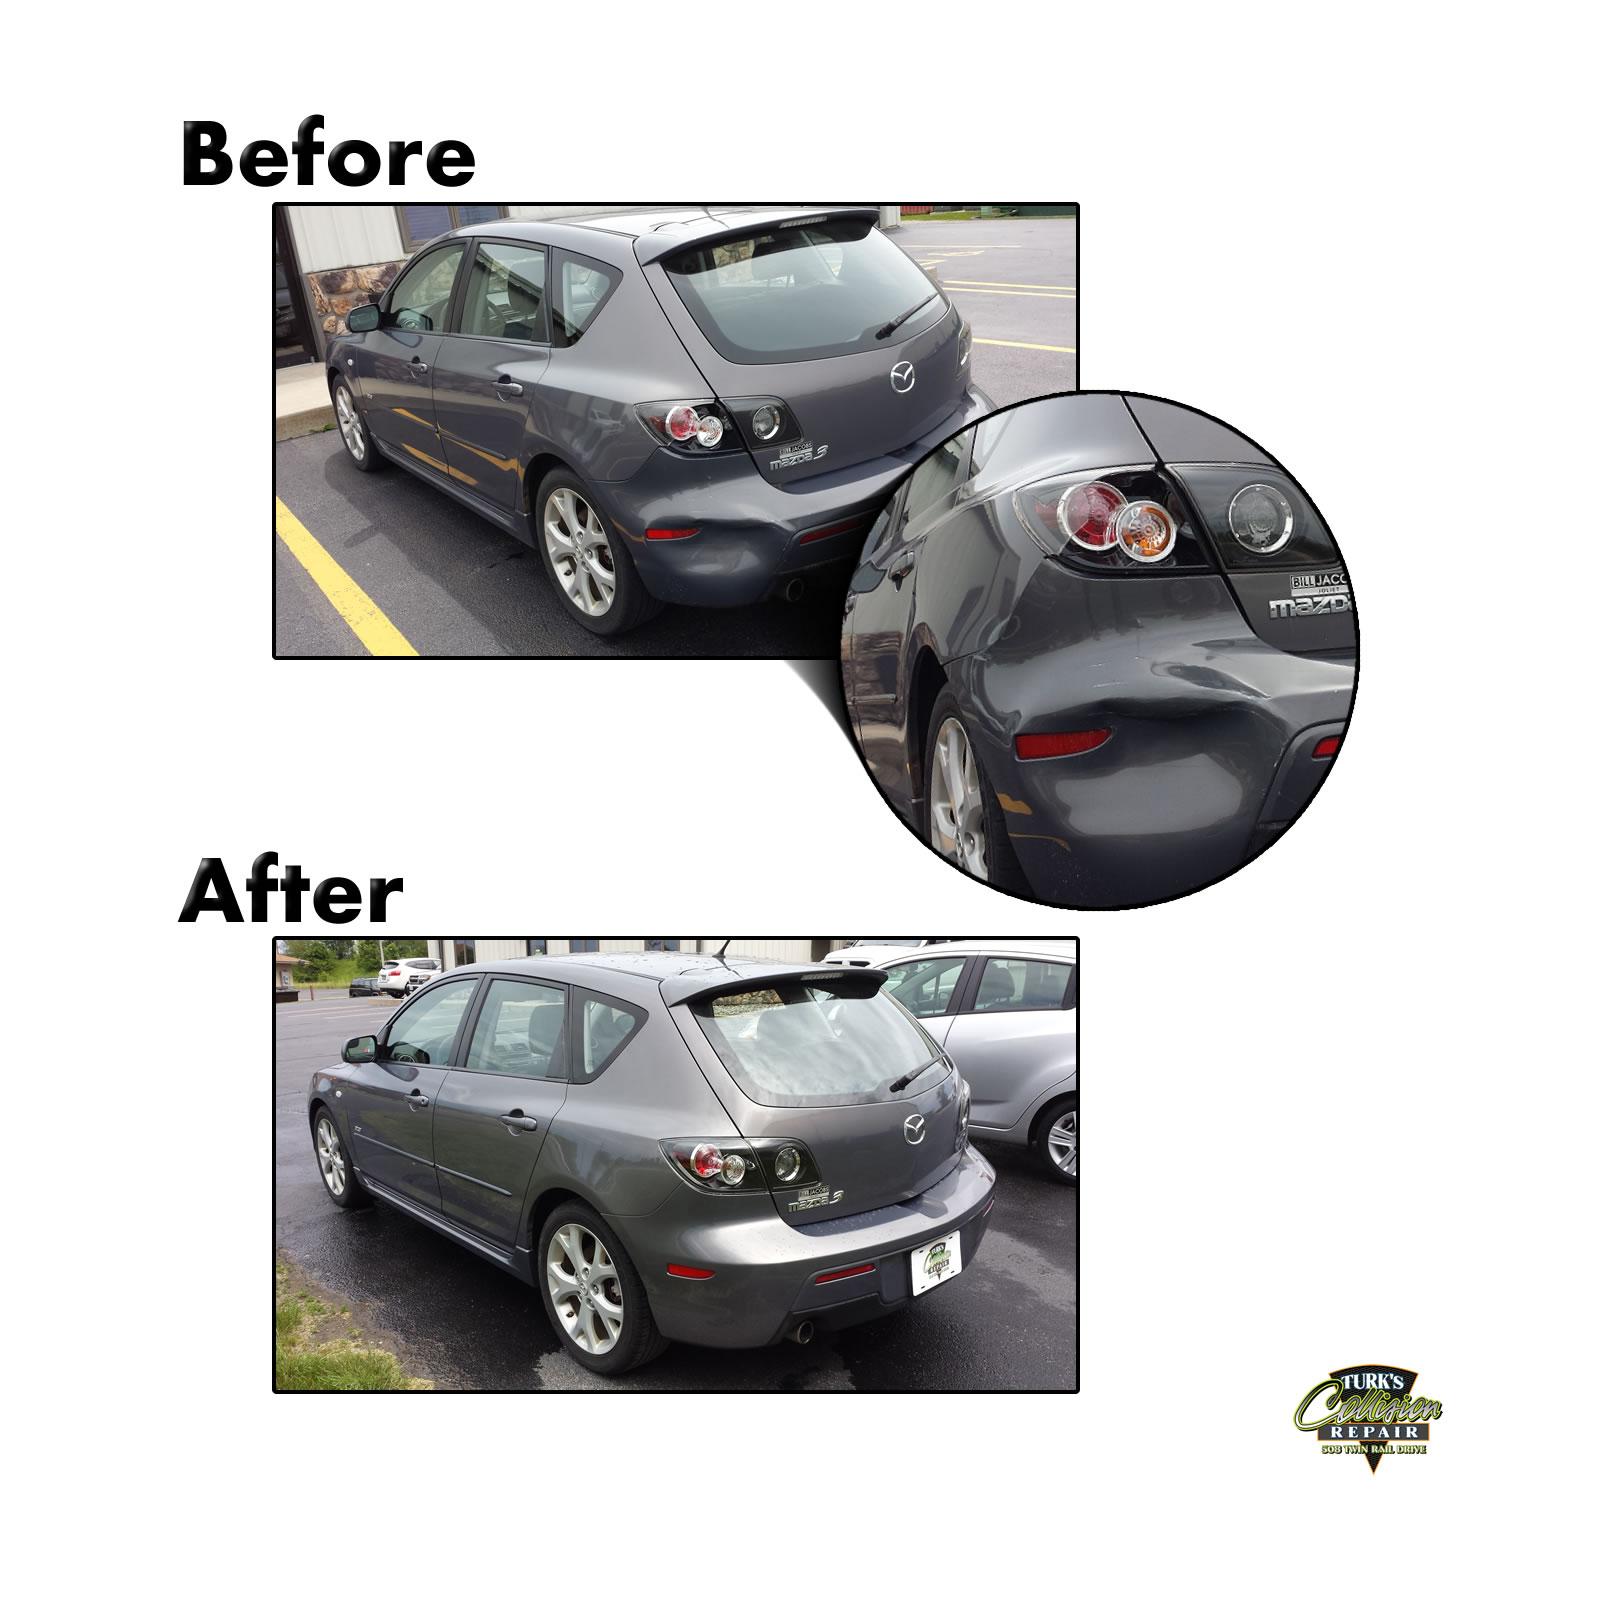 Mazda 3 Collision Repair